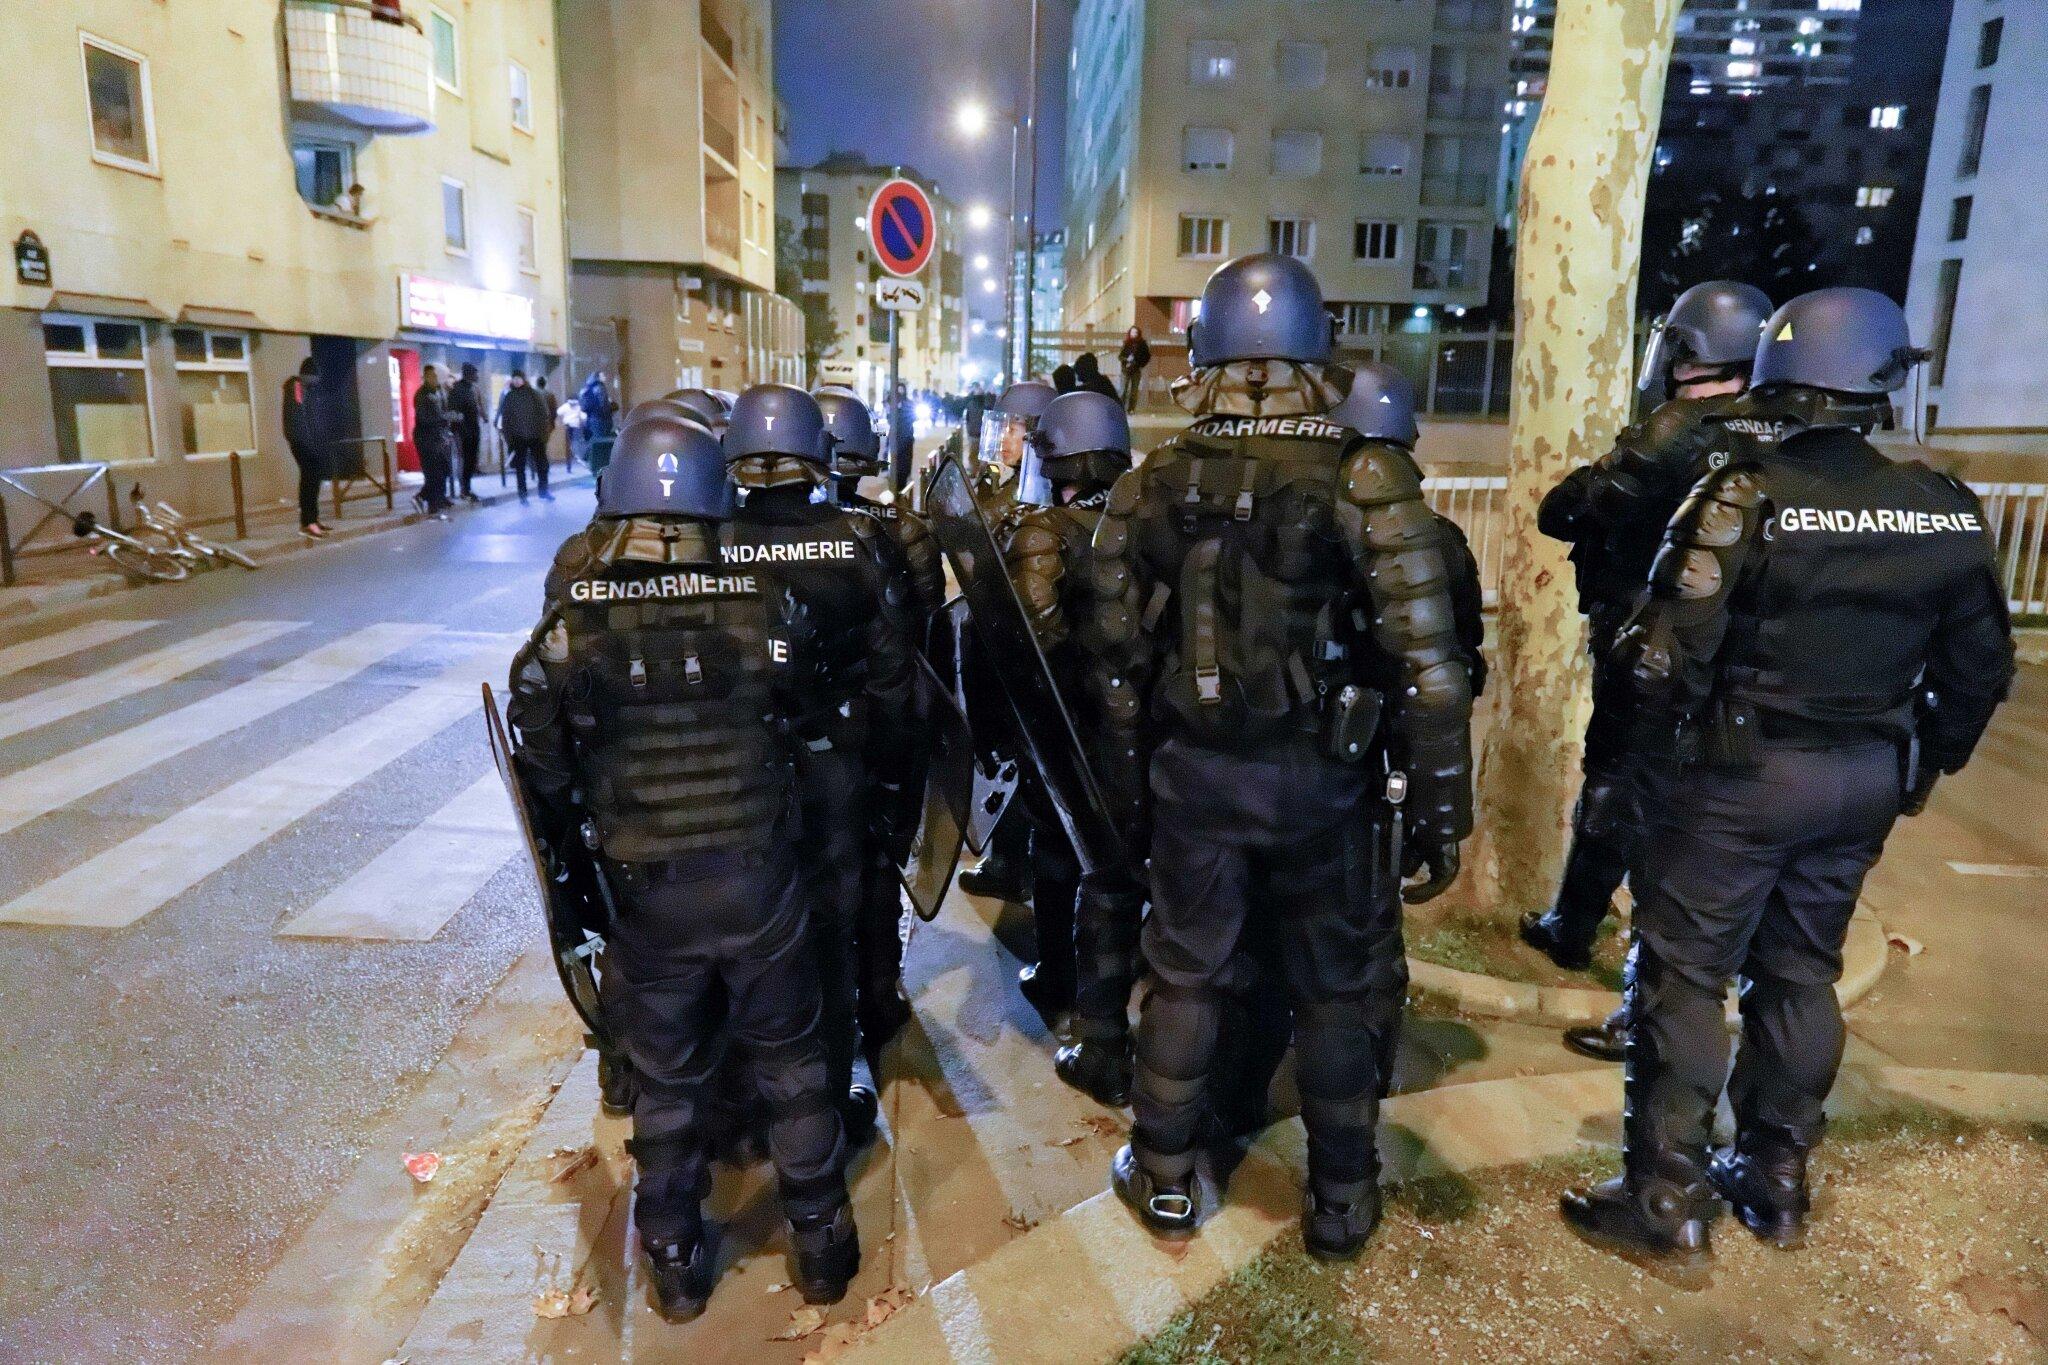 Un immeuble réquisitionné, expulsé par les forces de l'ordre. © Michel Stoupak. Sam 01.12.2012, 20:50.